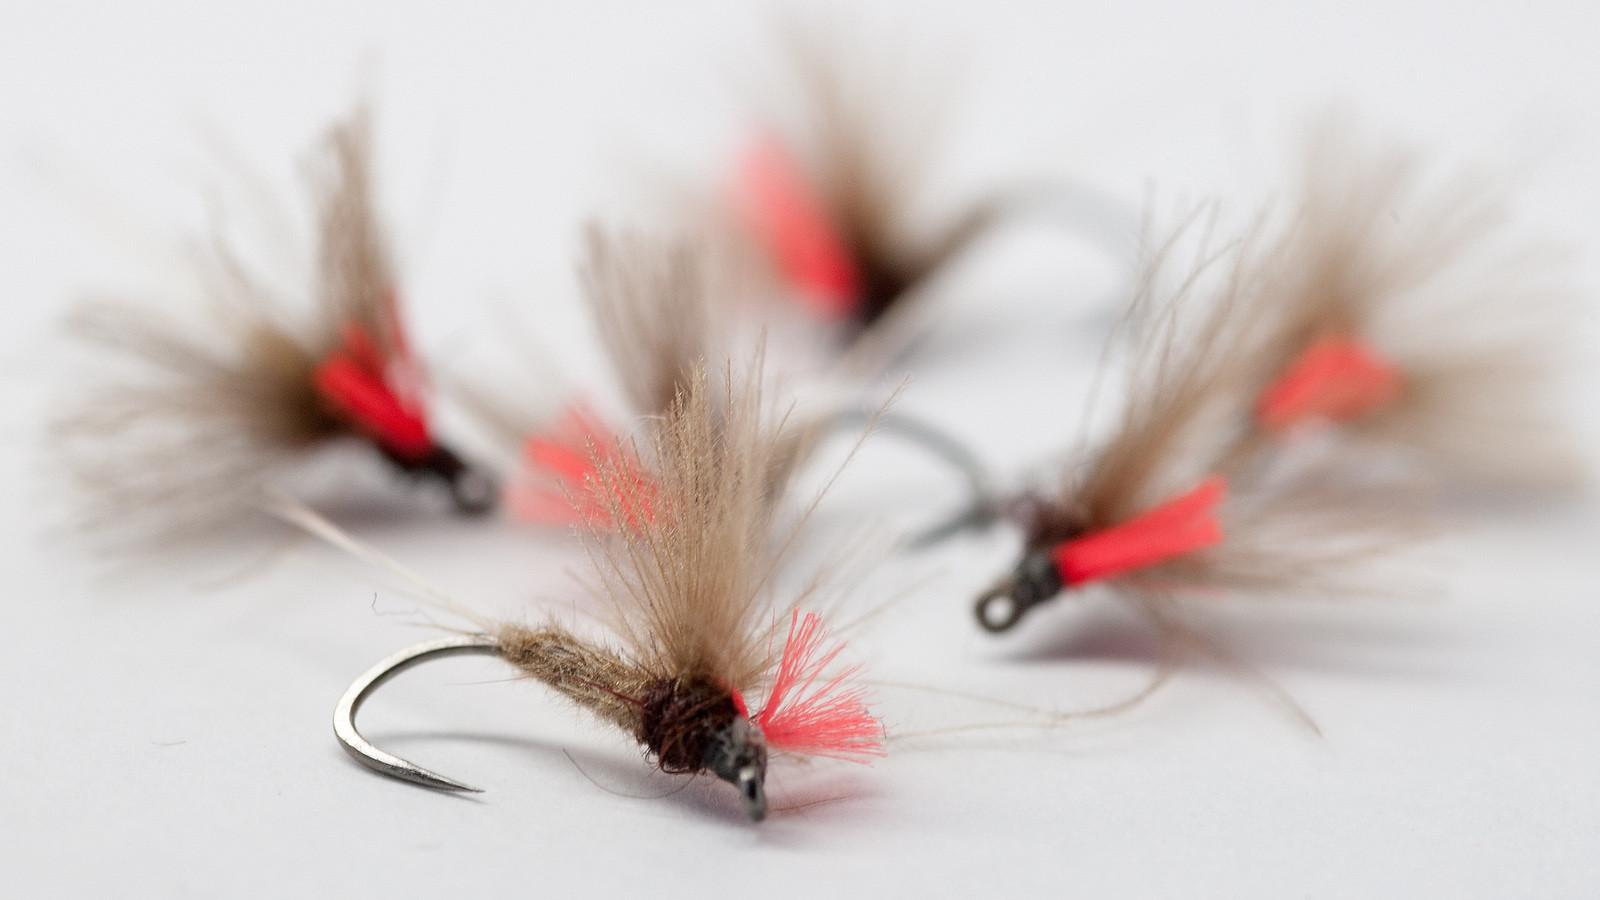 Cours de montage de mouche artificielles avec Dipteria, guide de pêche à la mouche